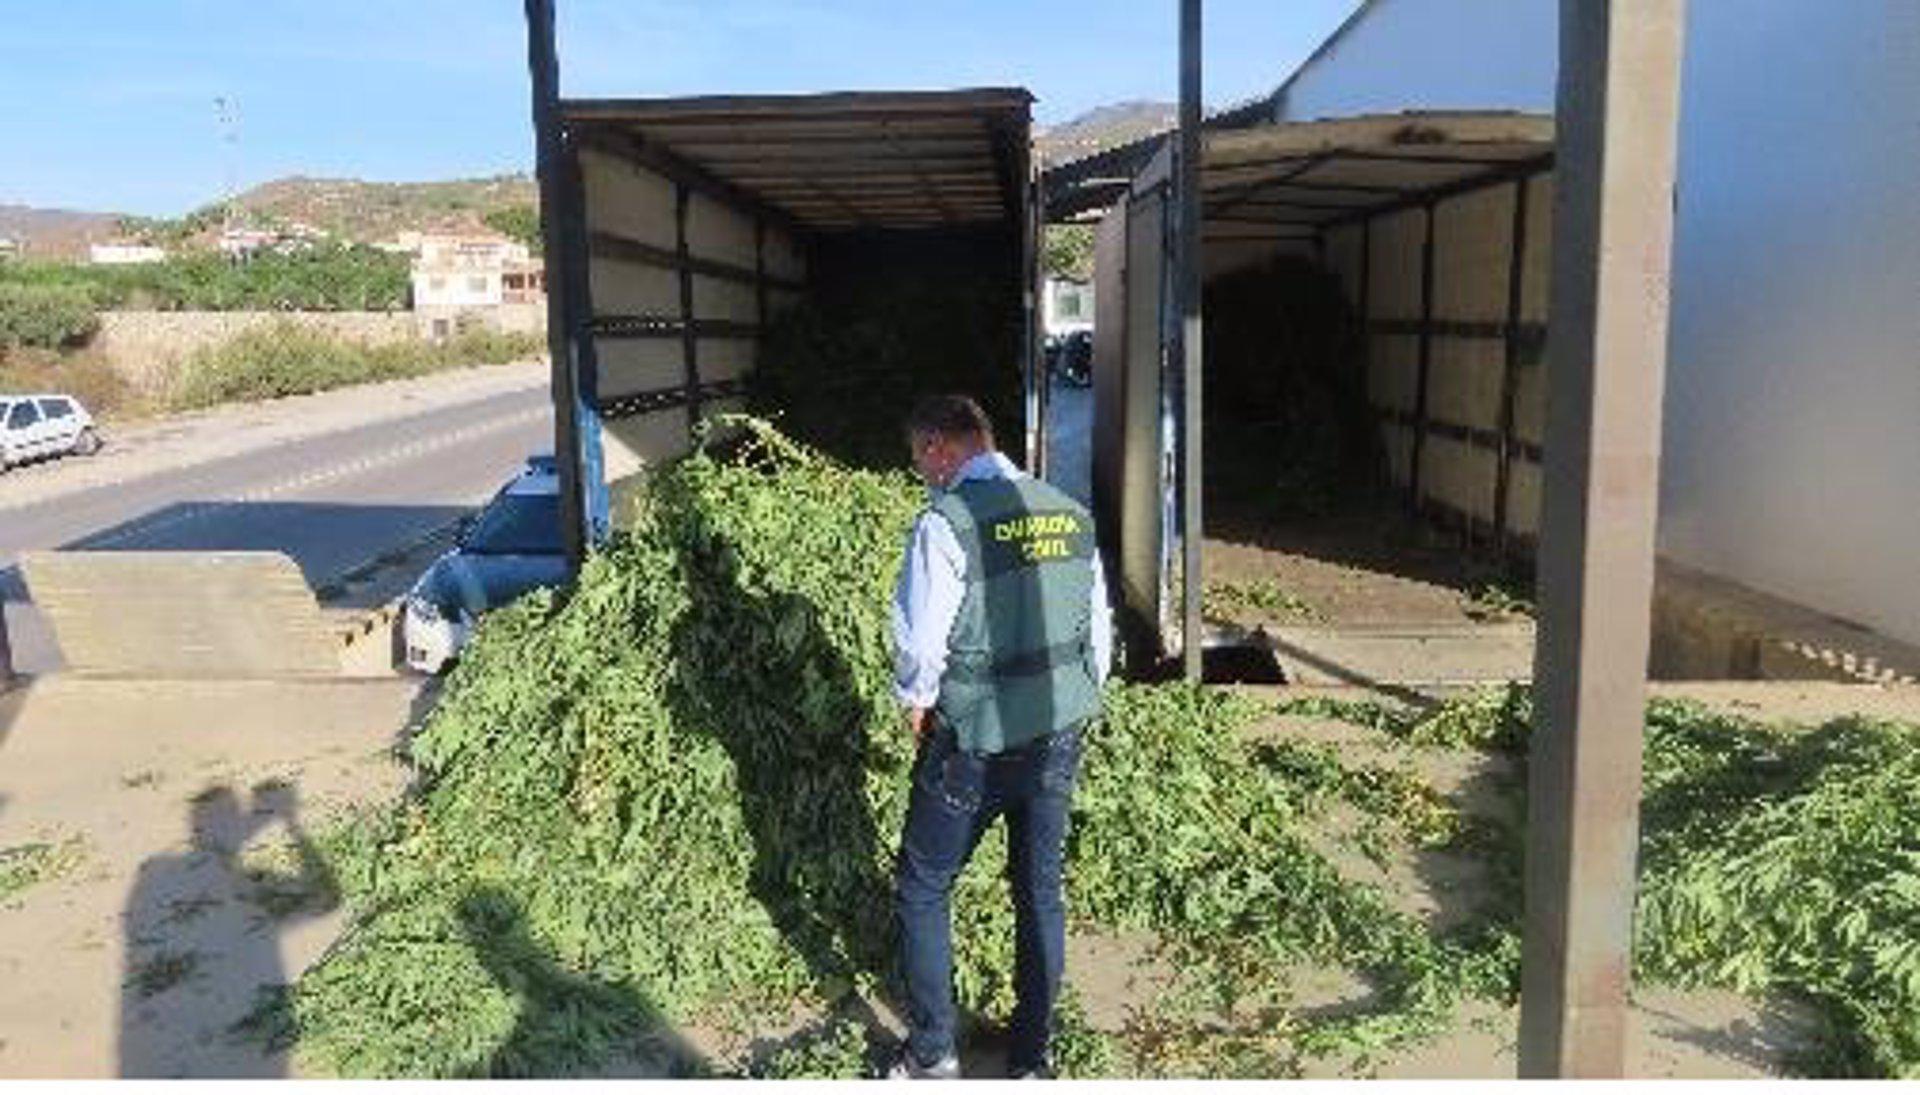 La Guardia Civil se incauta de 3.800 plantas de cannabis sativa en un almacén de Molvízar